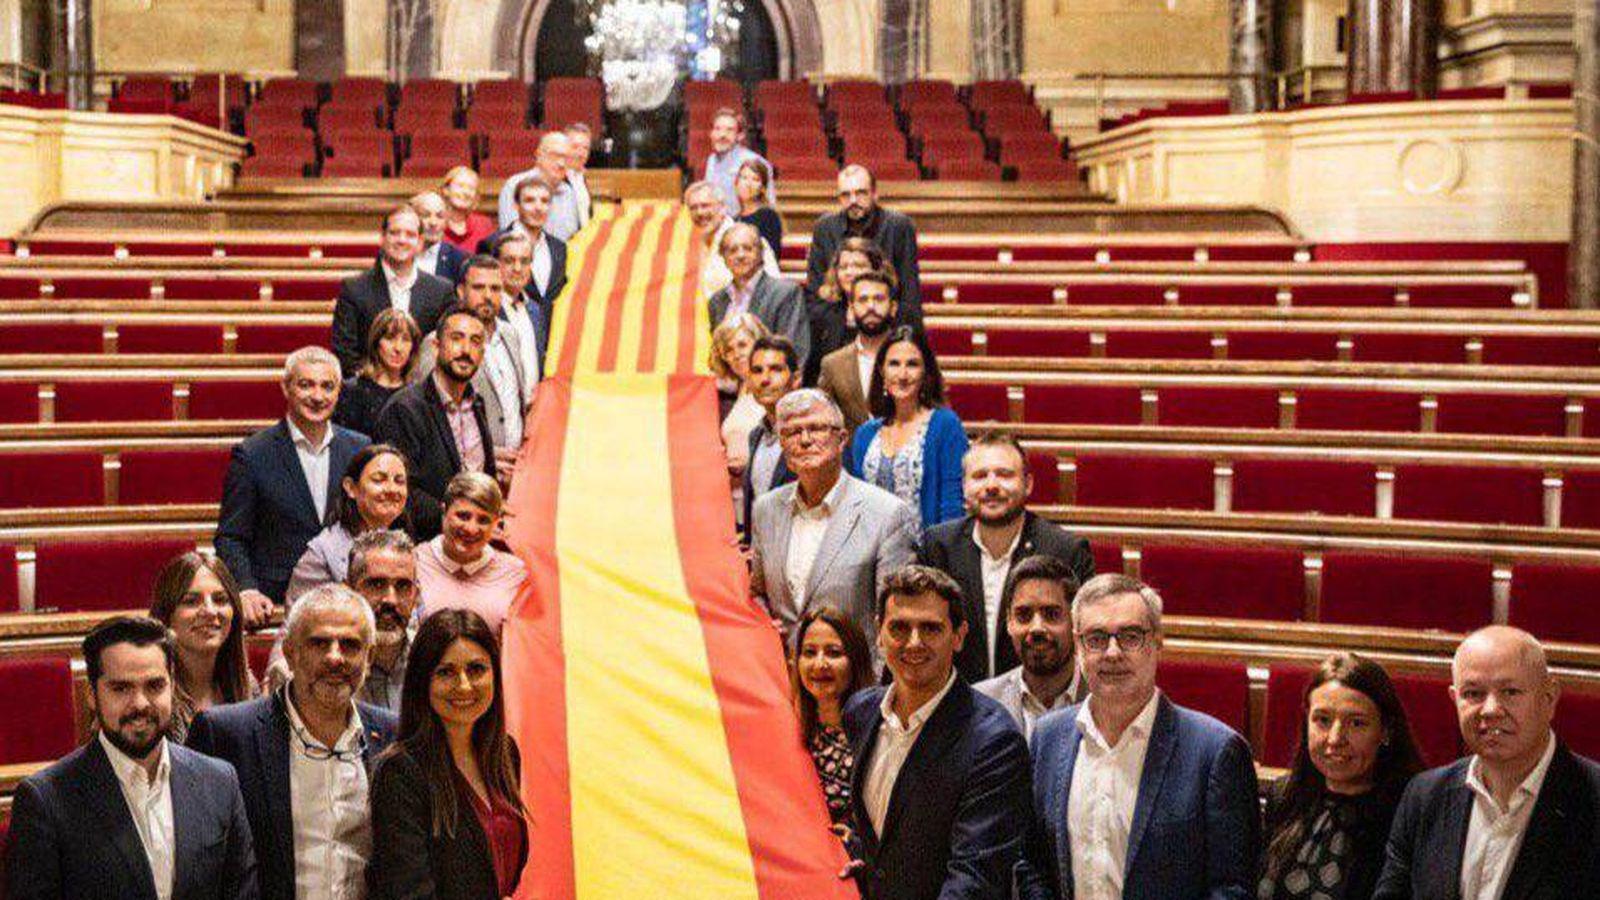 Foto: El grupo parlamentario de Ciudadanos despliega una imagen de la bandera de España y Cataluña en el Parlament. (Twitter)